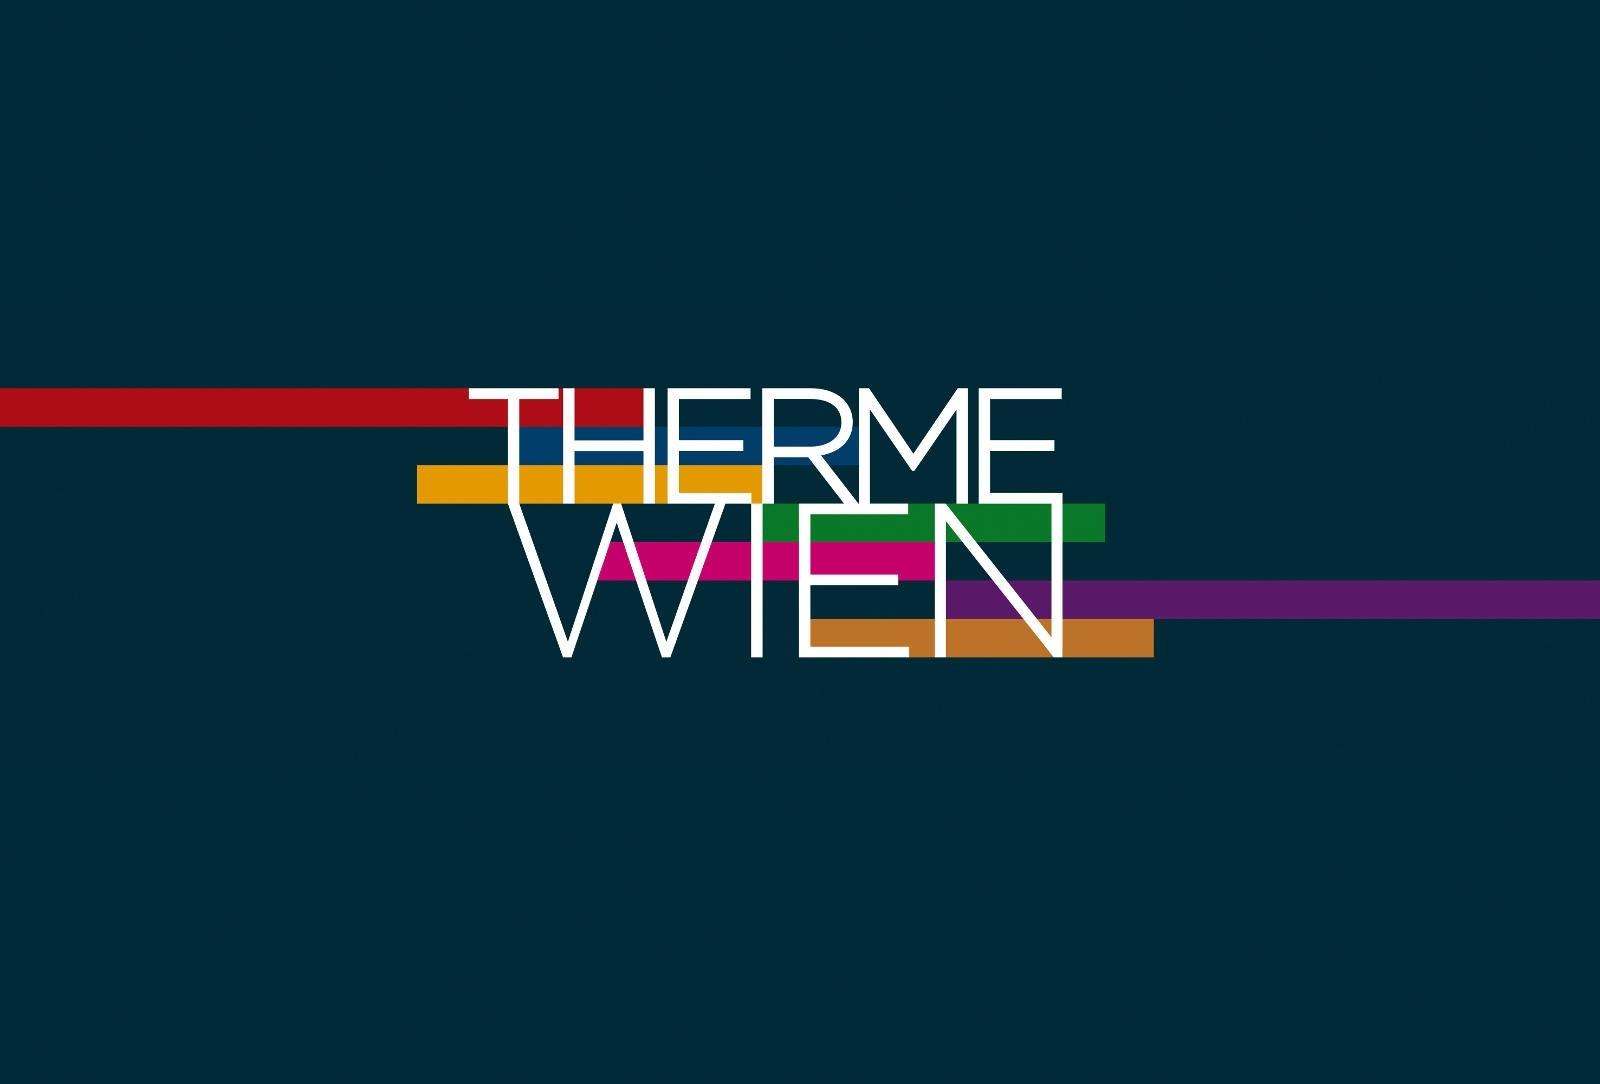 Therme Wien Gutscheine Therme Wien Wien Wien Ticketat